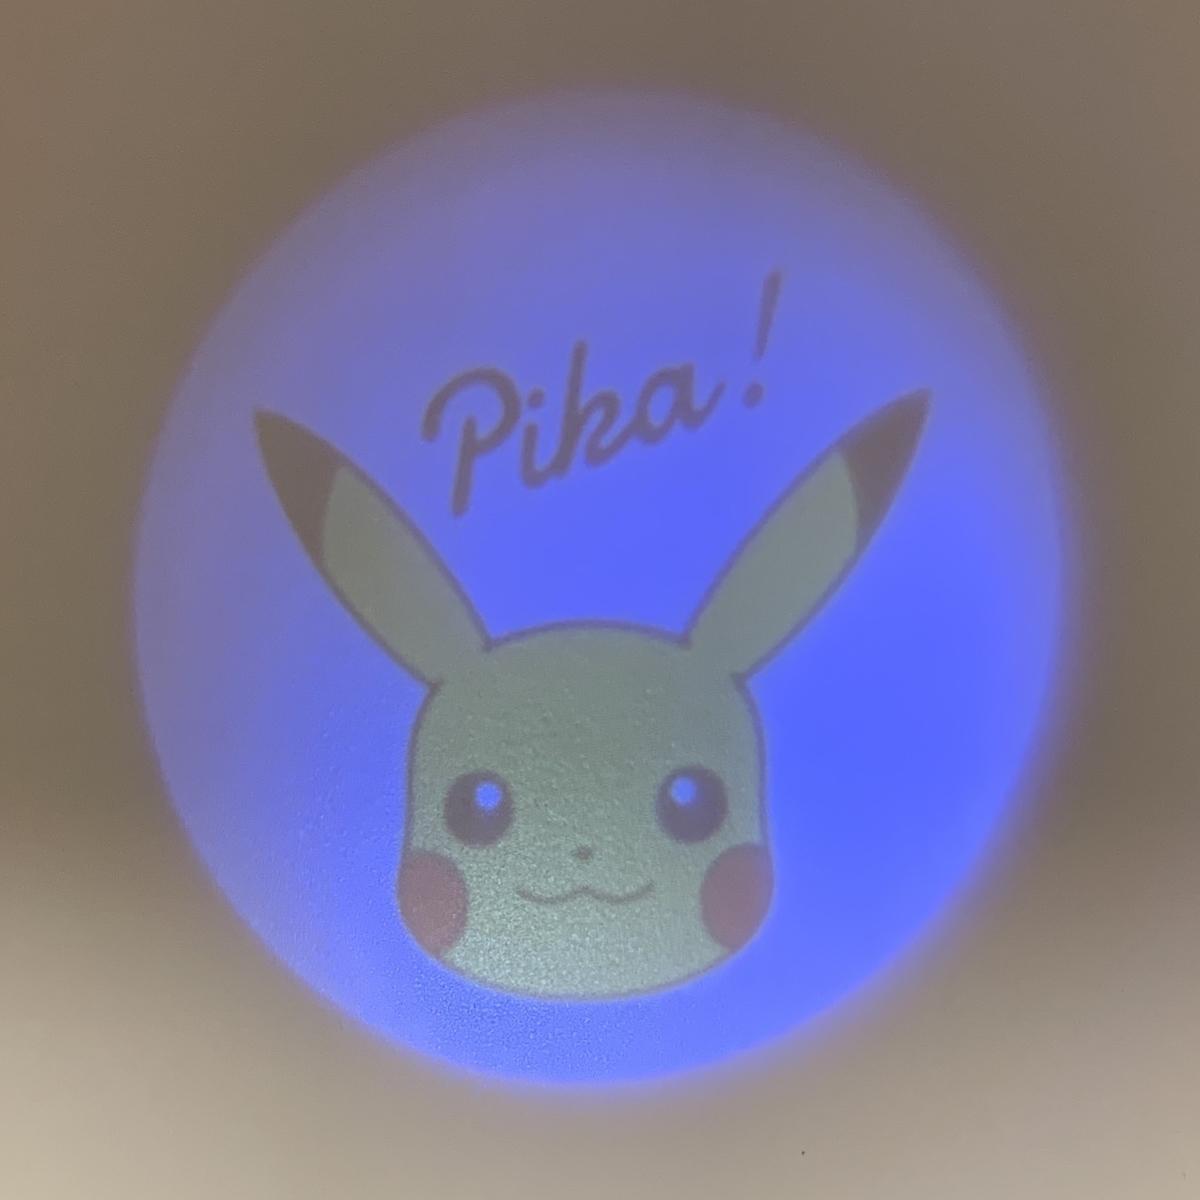 f:id:pikachu_pcn:20190426215836j:plain